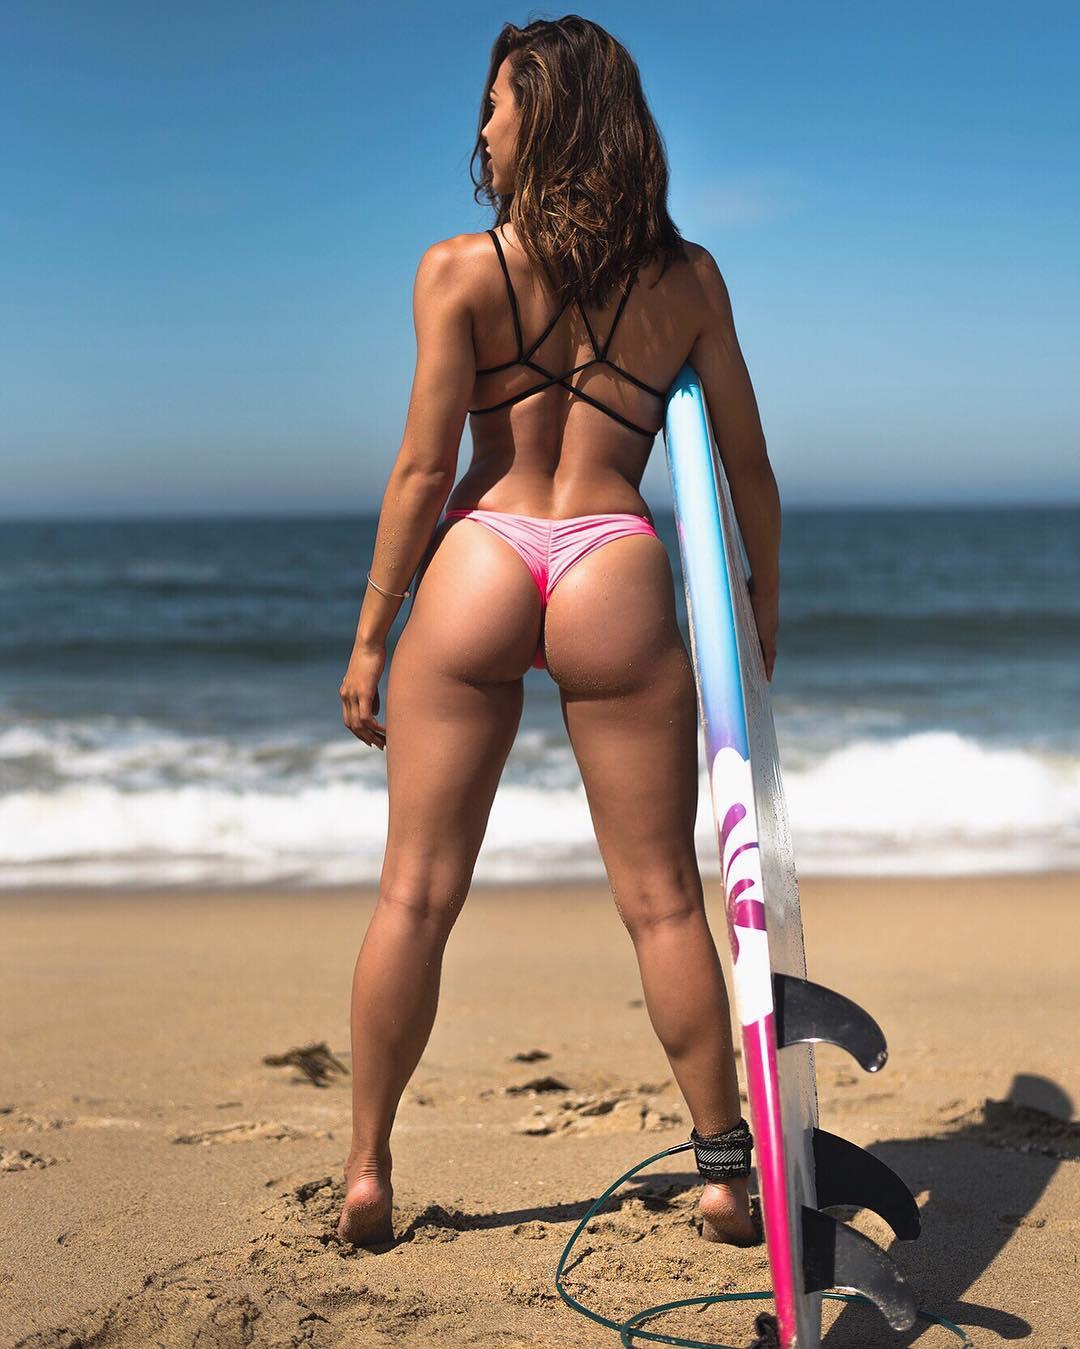 Ana Cheri Bikini